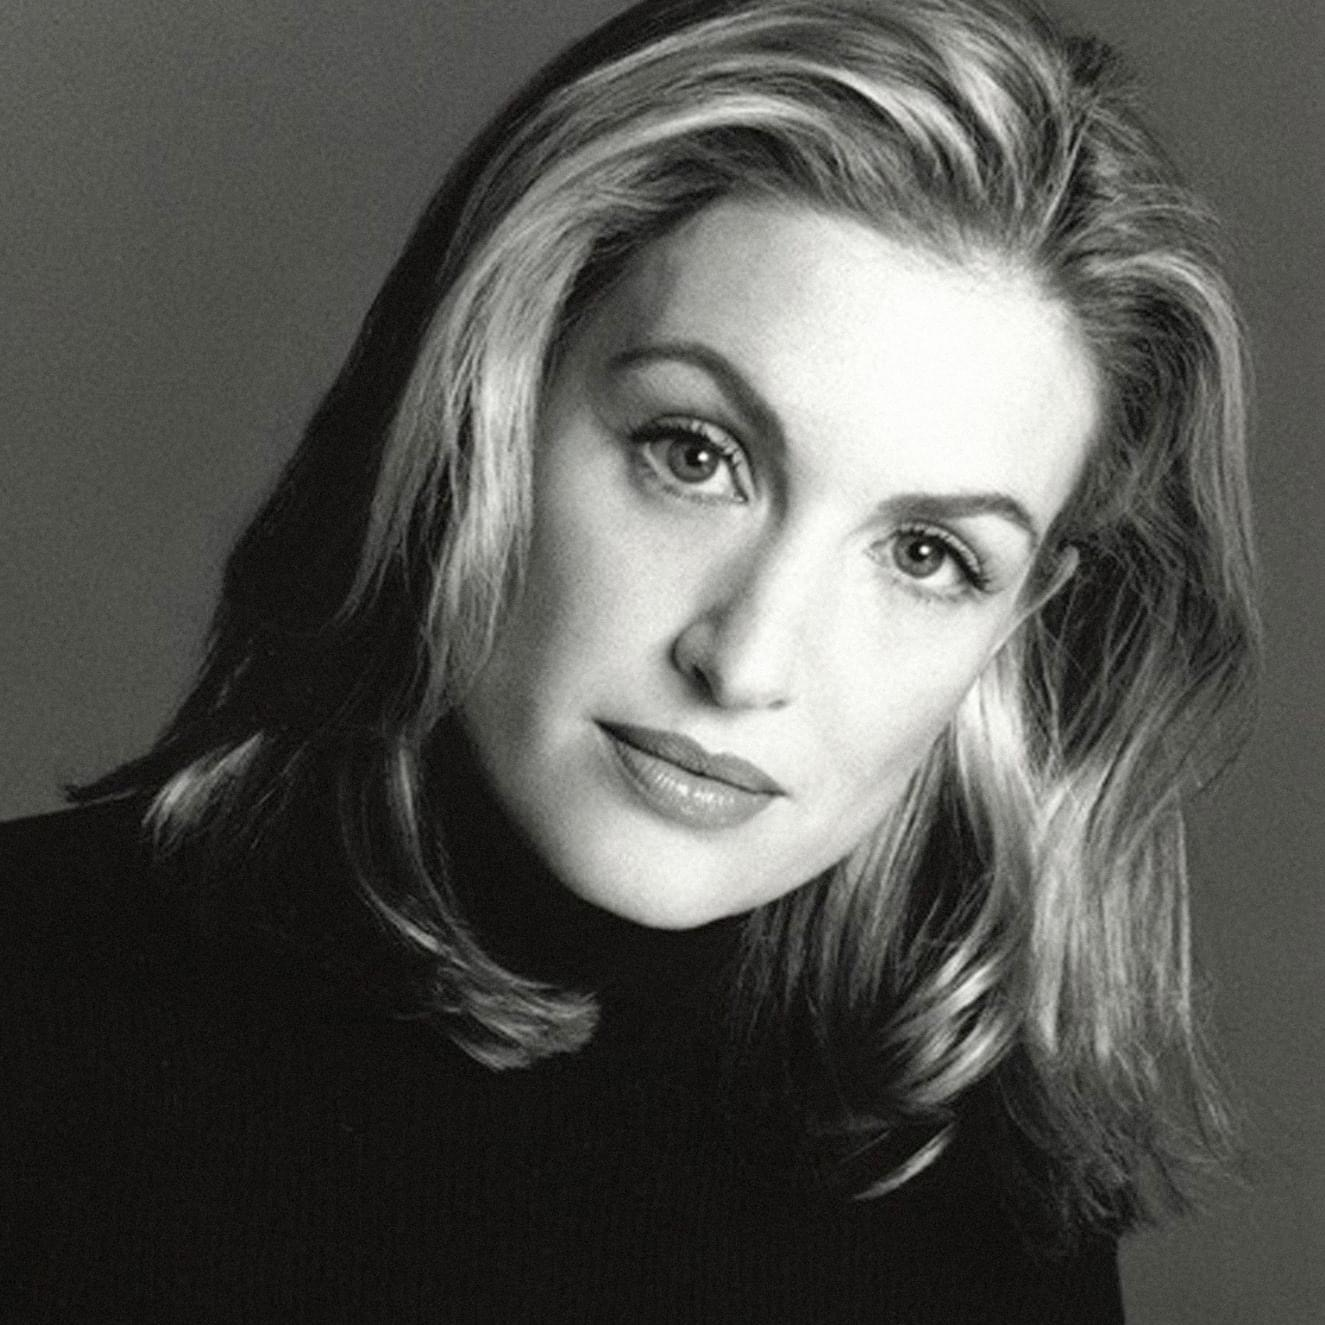 Heidi Weisel